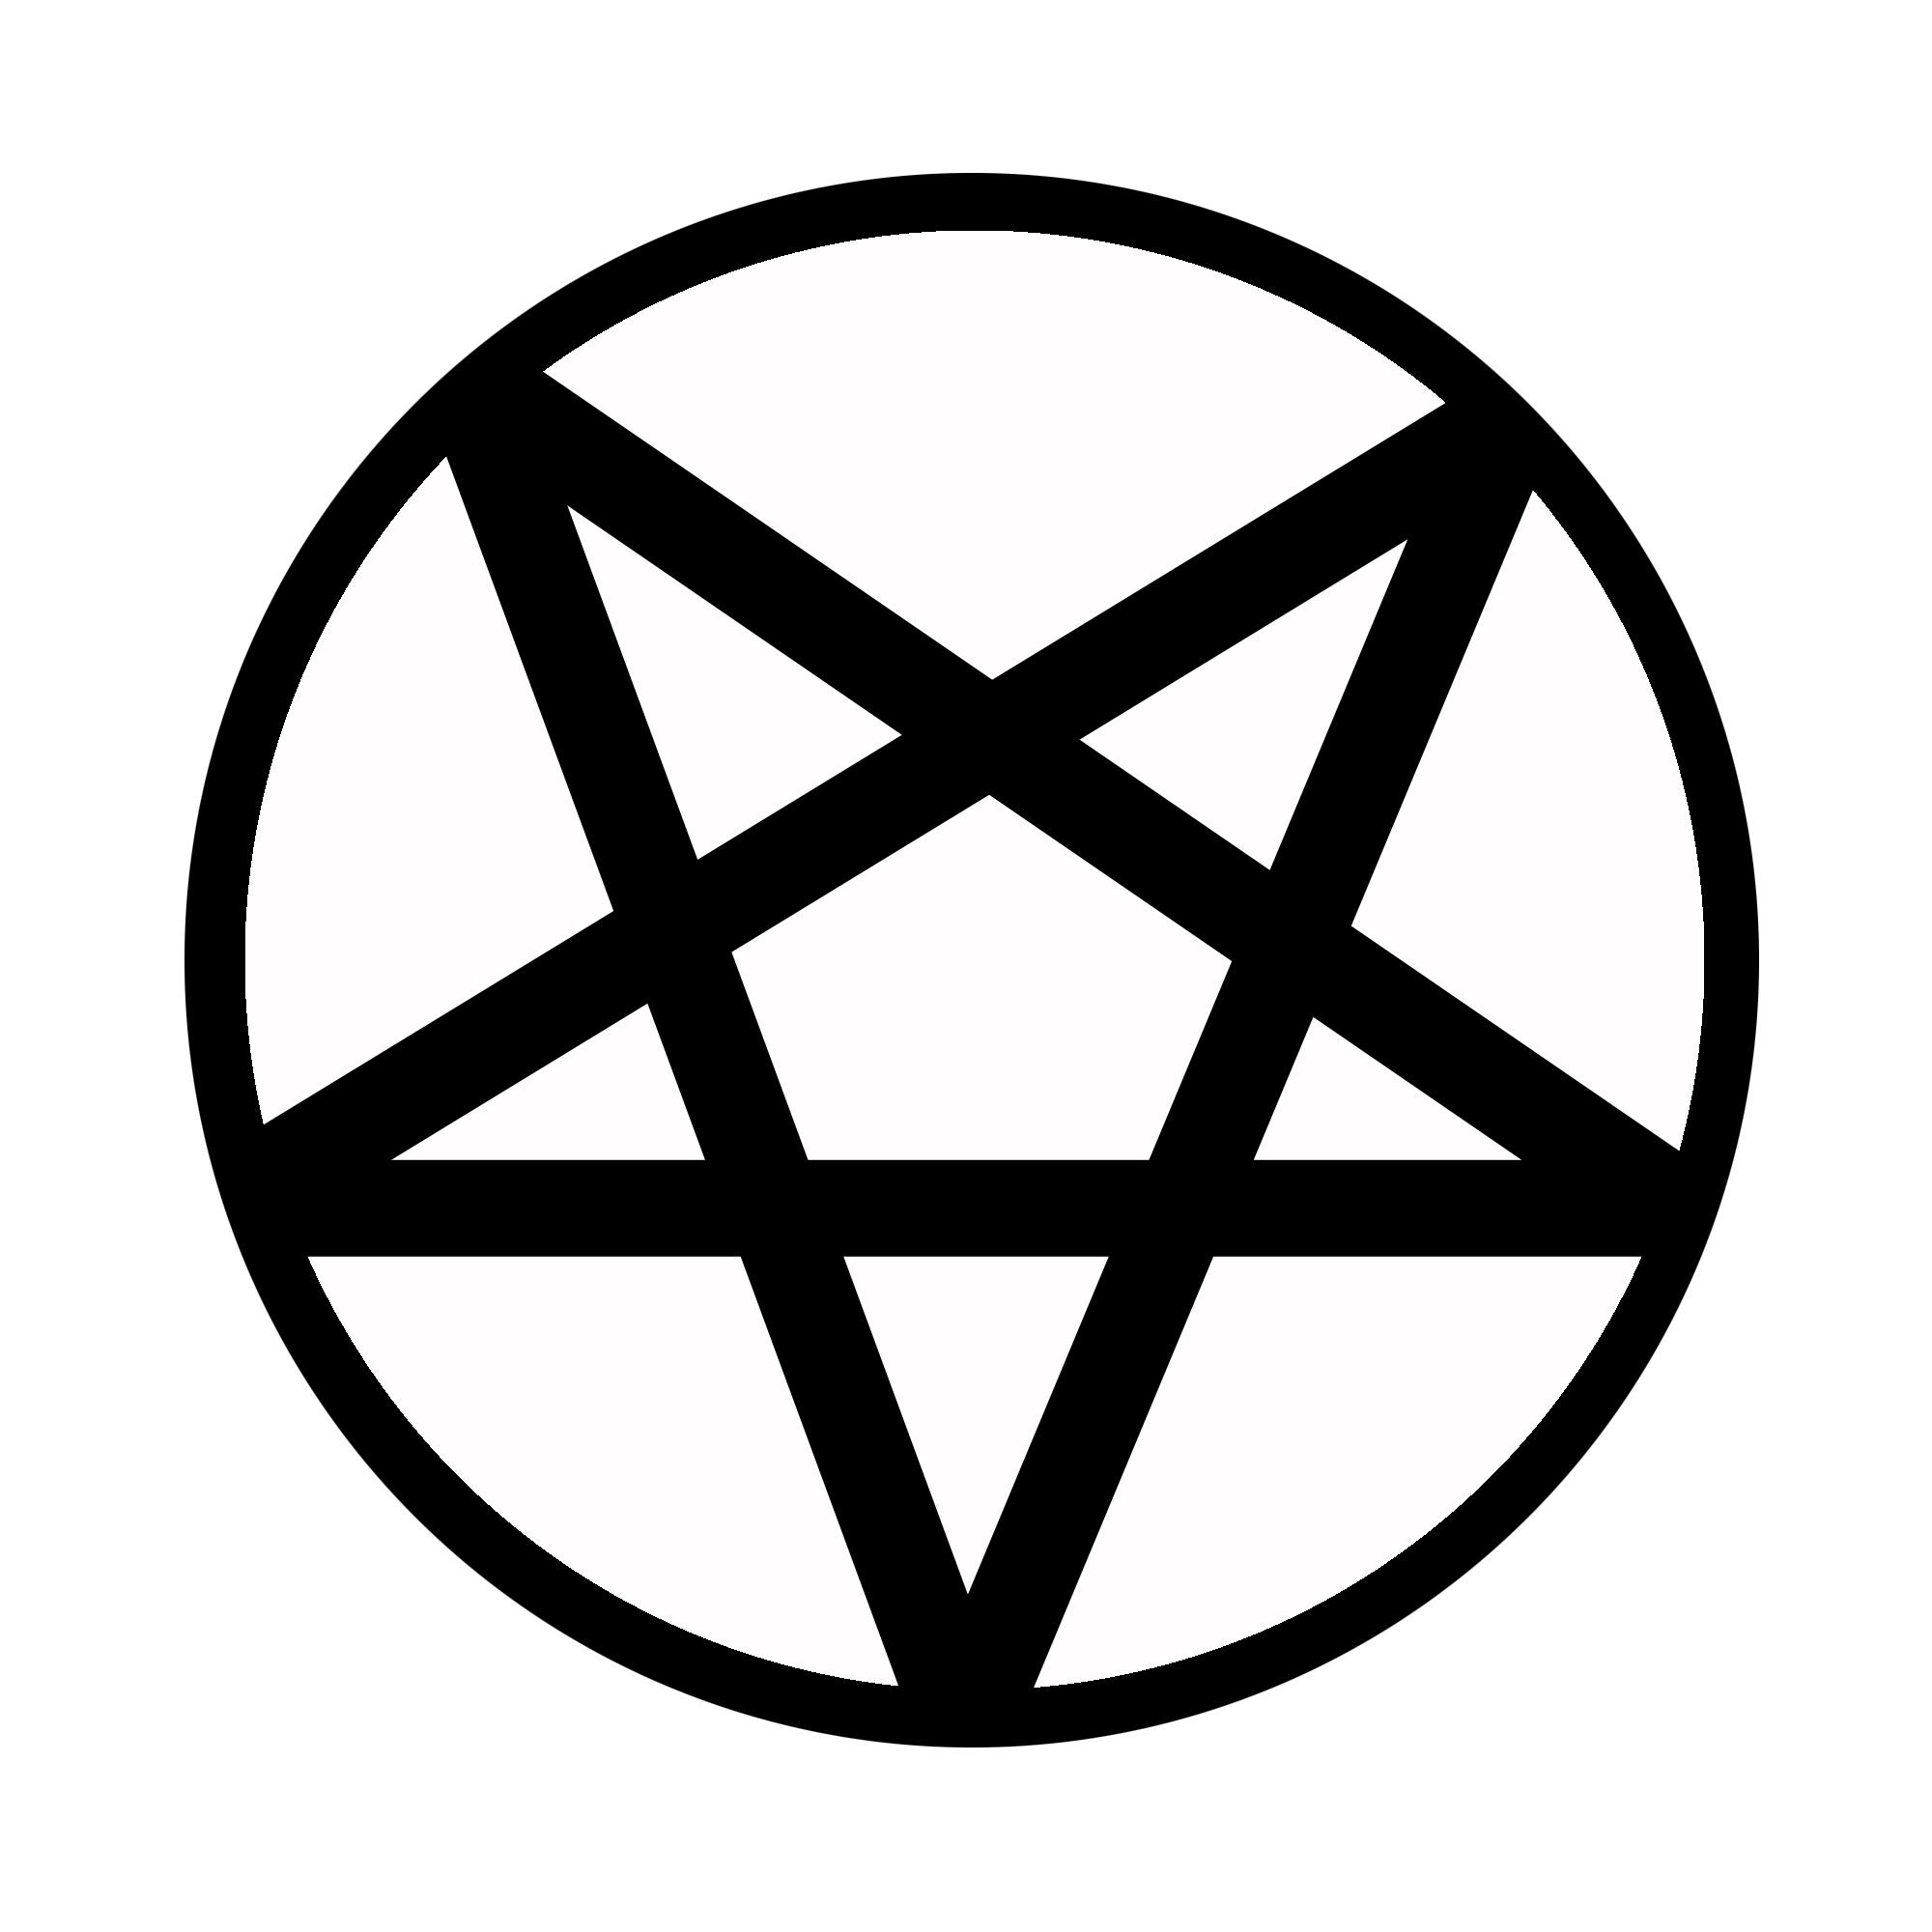 Pentagram clipart #2, Download drawings